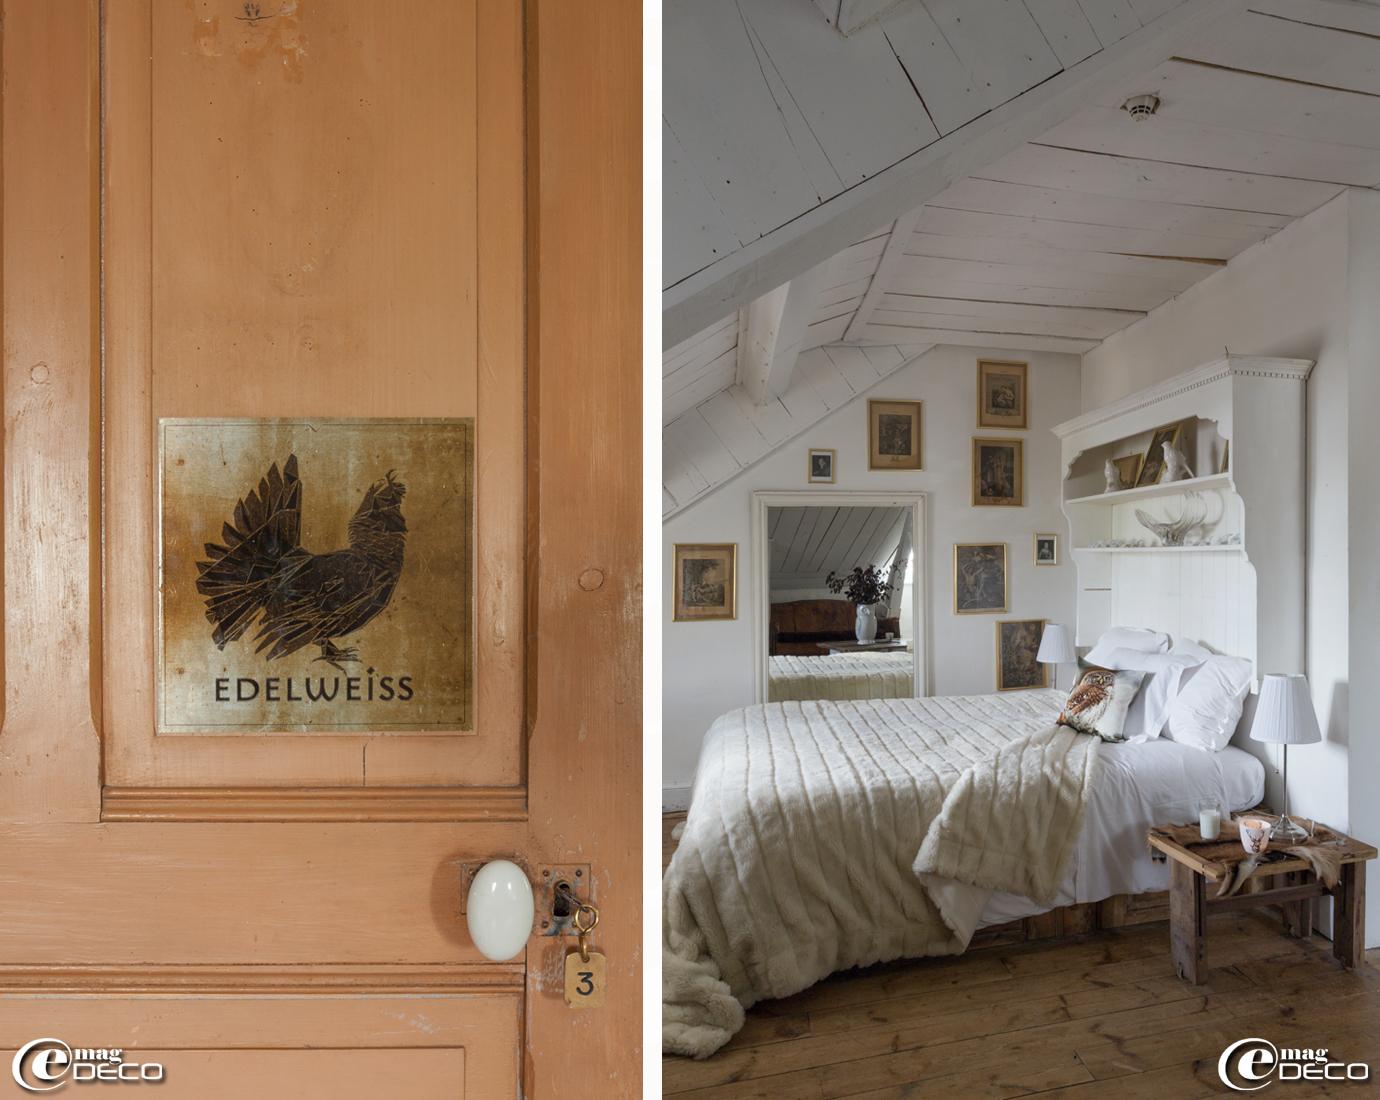 l 39 annexe d 39 aubrac e magdeco magazine de d coration. Black Bedroom Furniture Sets. Home Design Ideas